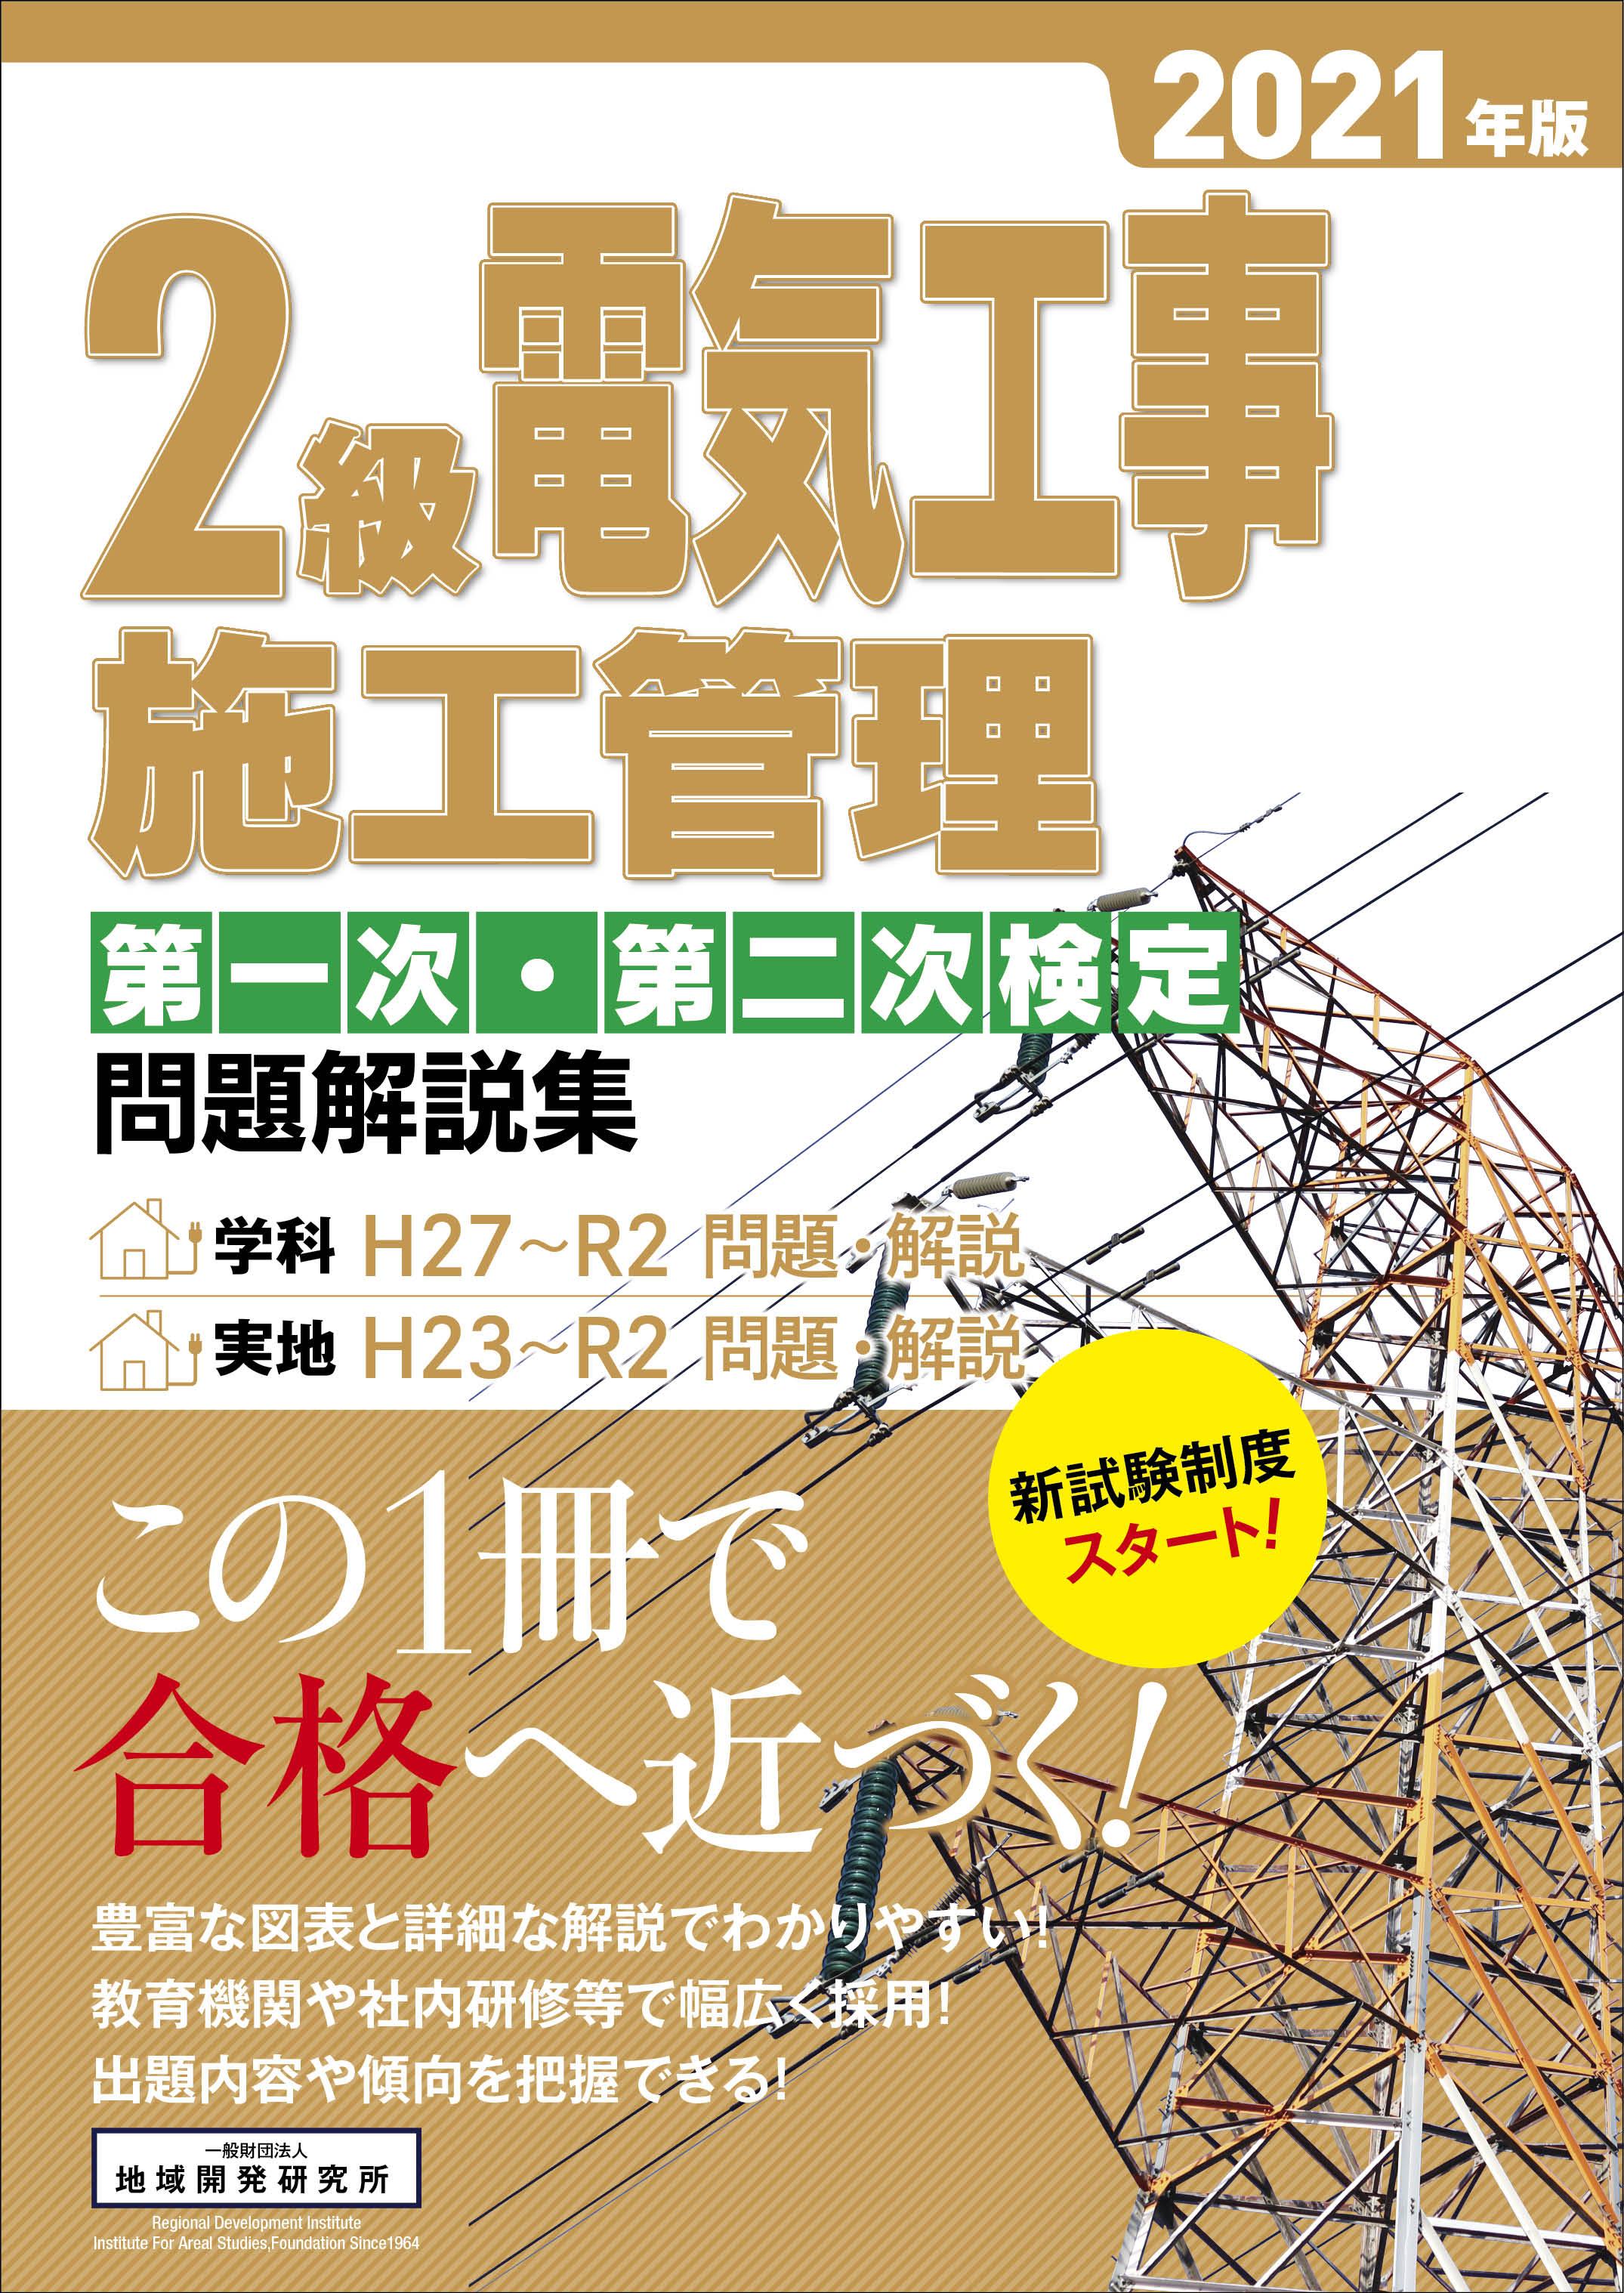 2級電気工事施工管理 第一次・第二次検定 問題解説集 2021年版